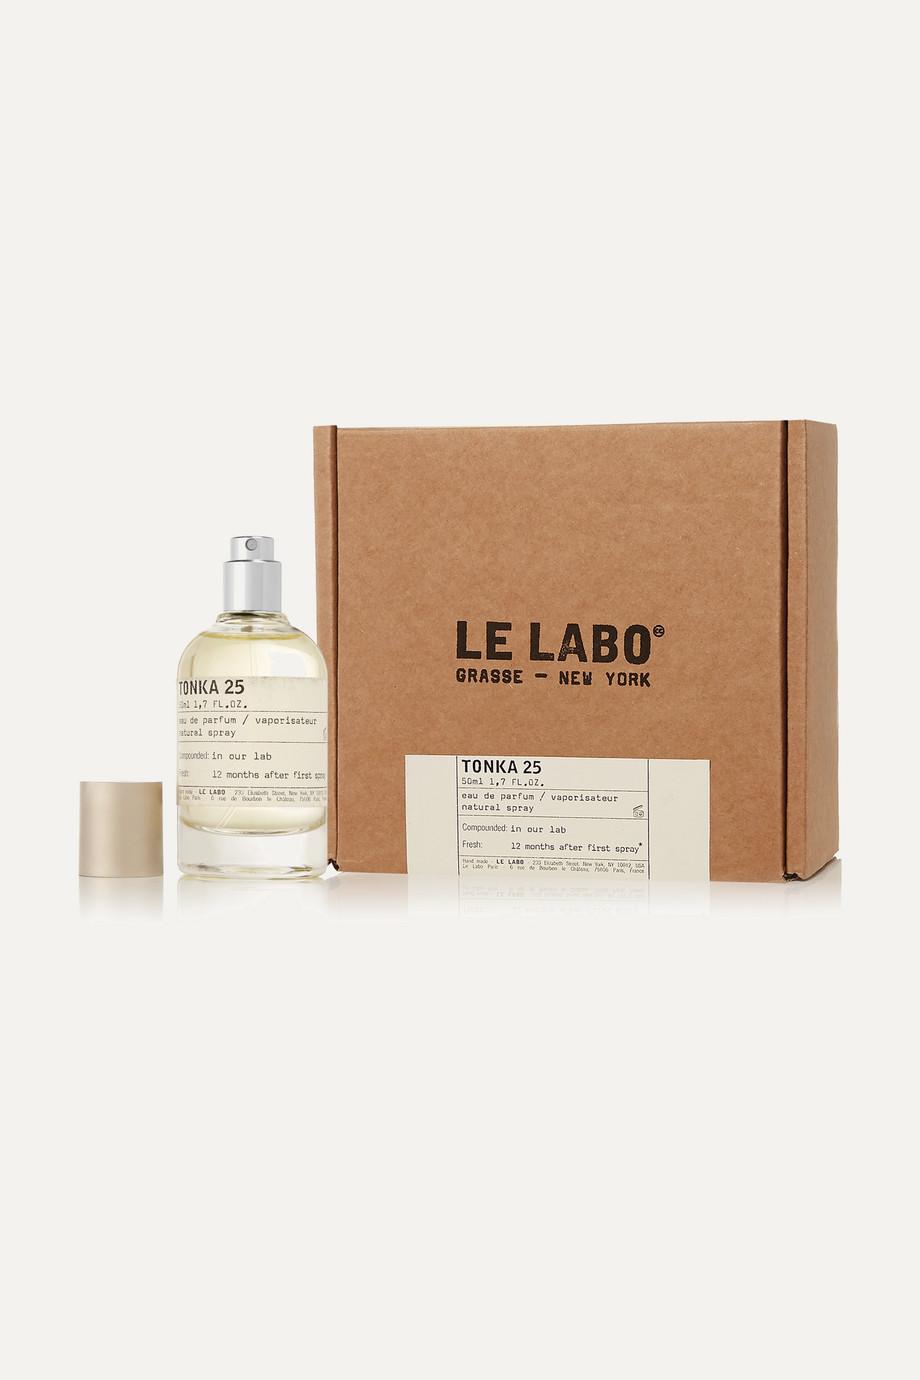 Le Labo Eau de Parfum - Tonka 25, 50ml